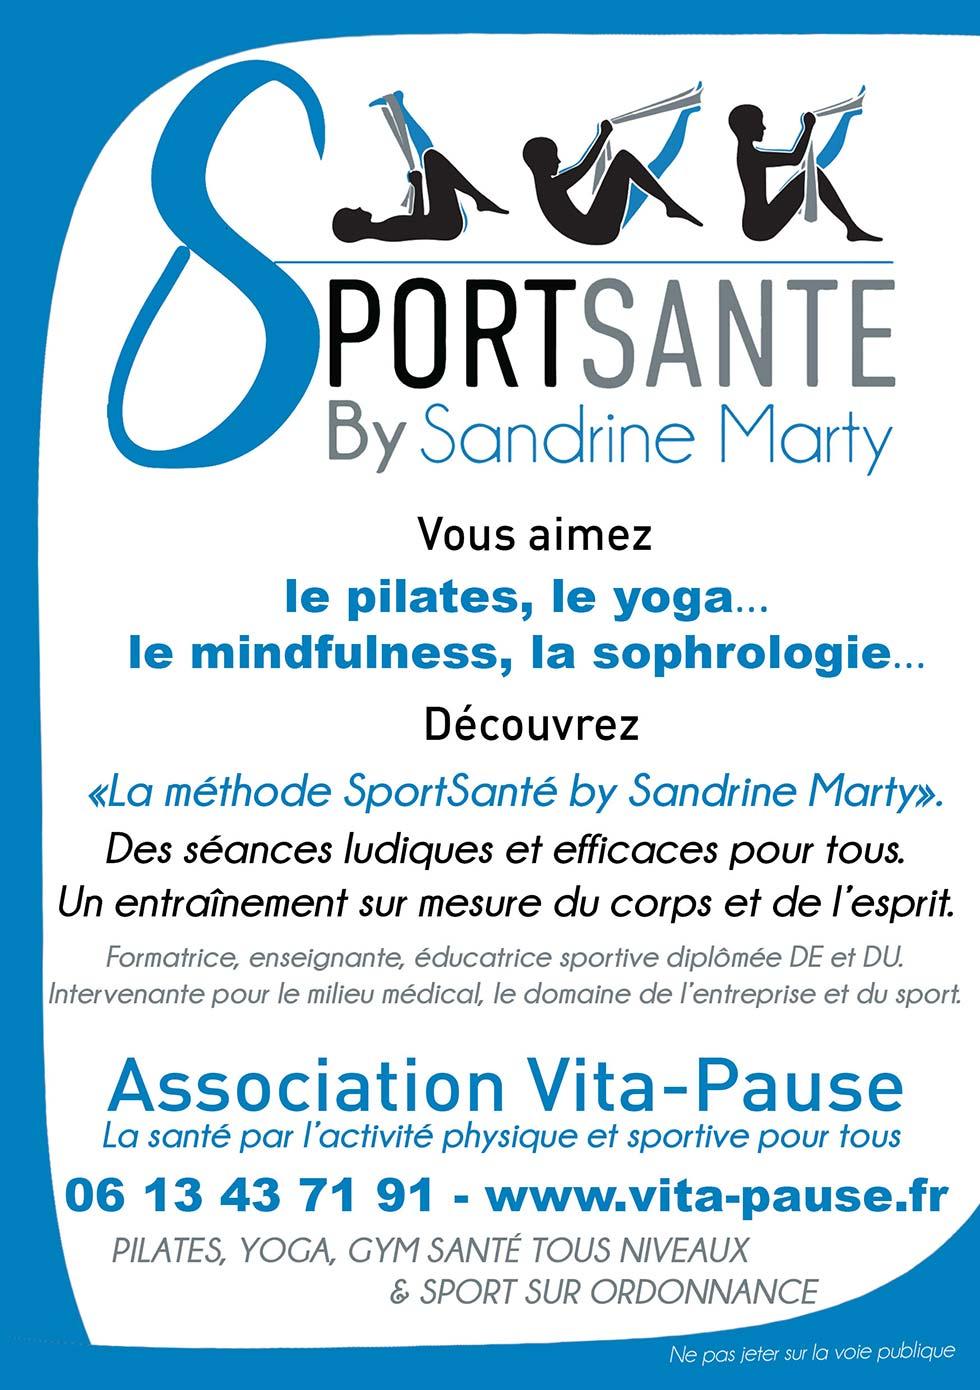 flyerMéthode SportSanté By Sandrine Marty